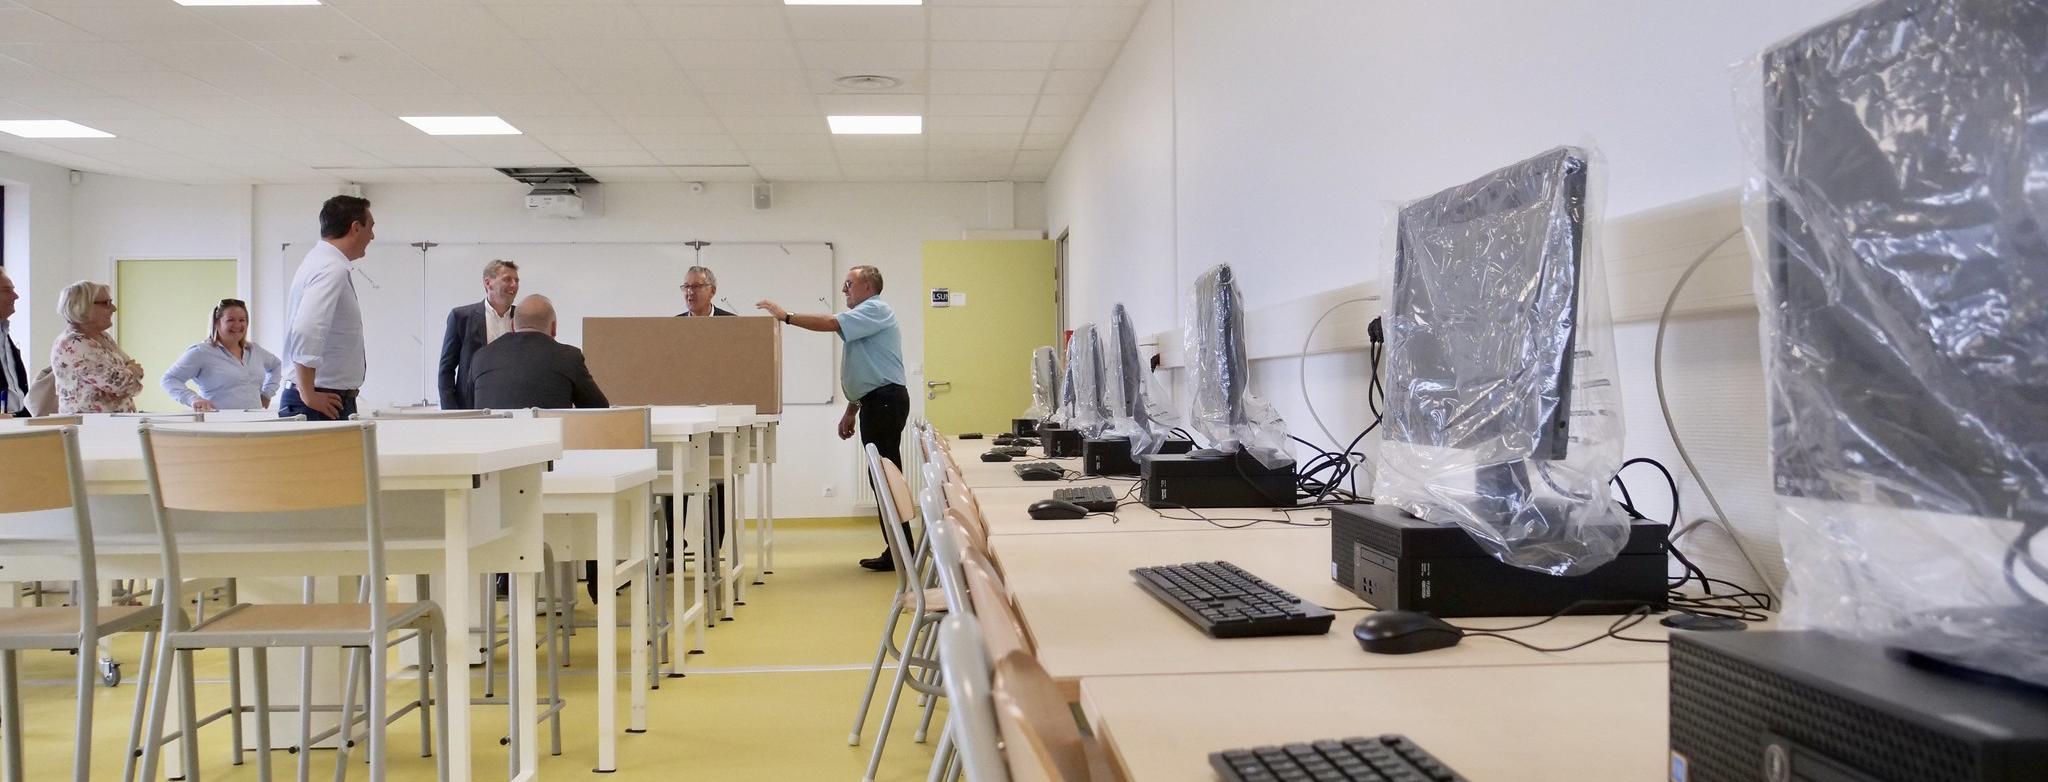 Deuxième collège du Neubourg : fin prêt à la rentrée